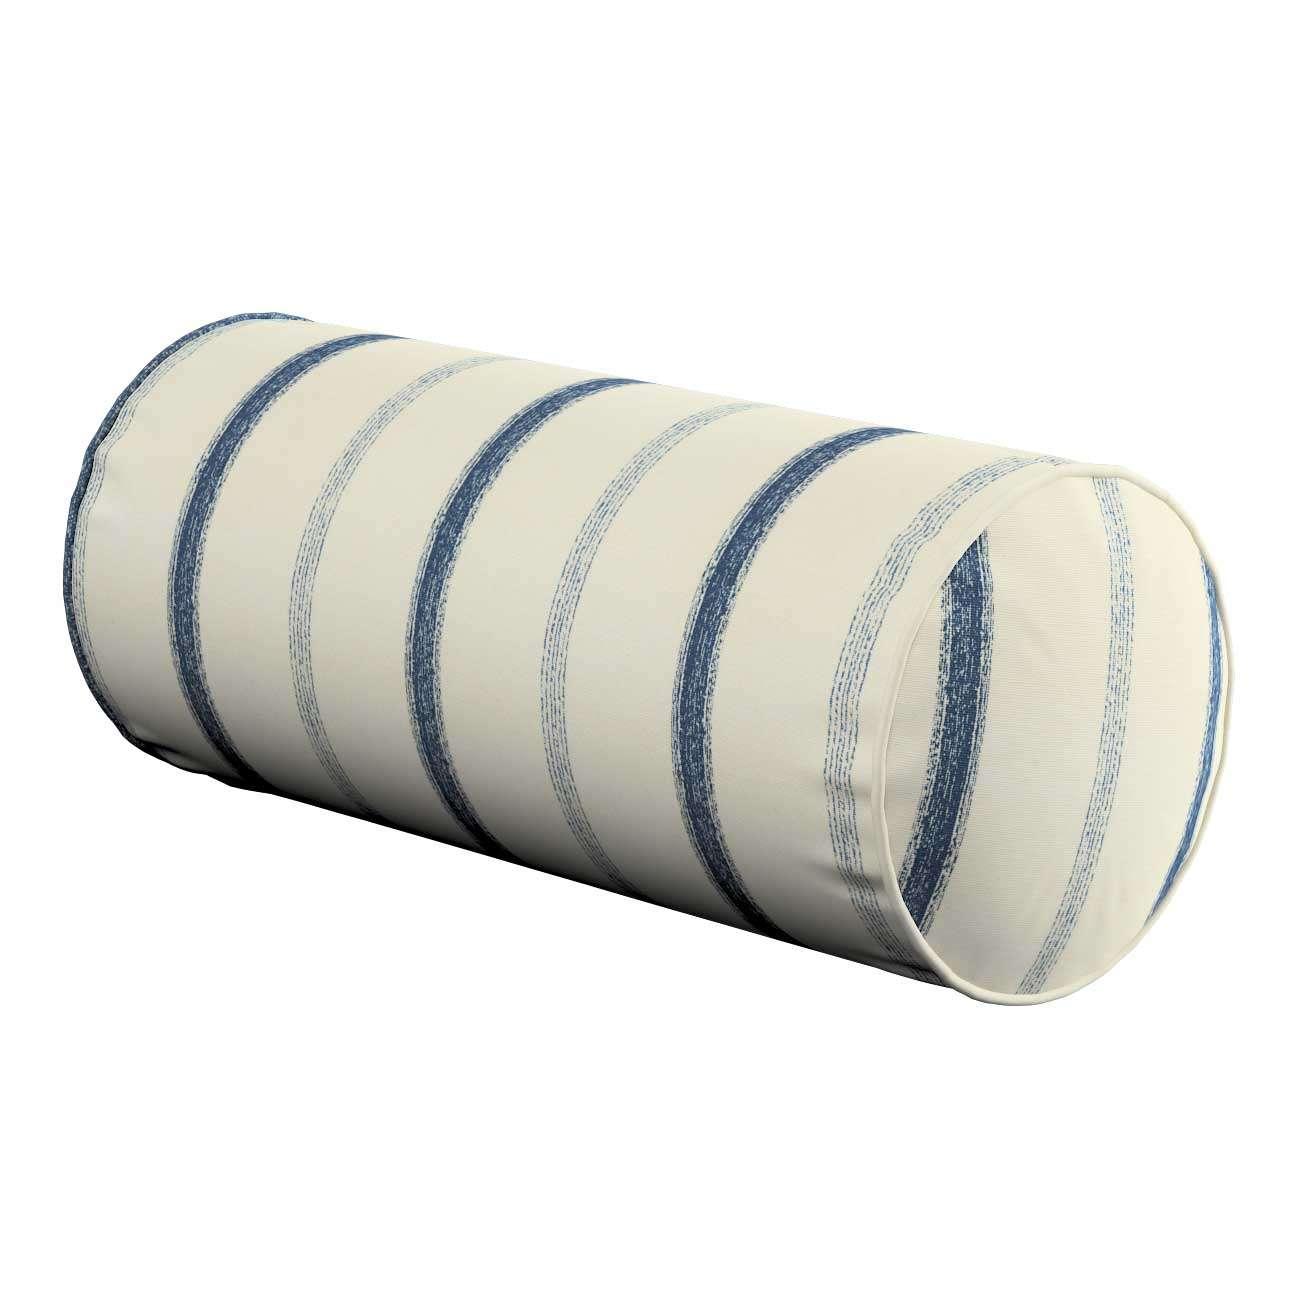 Ritinio formos  pagalvėlės užvalkalas Ø 16 x 40 cm (6 x 16 inch) kolekcijoje Avinon, audinys: 129-66